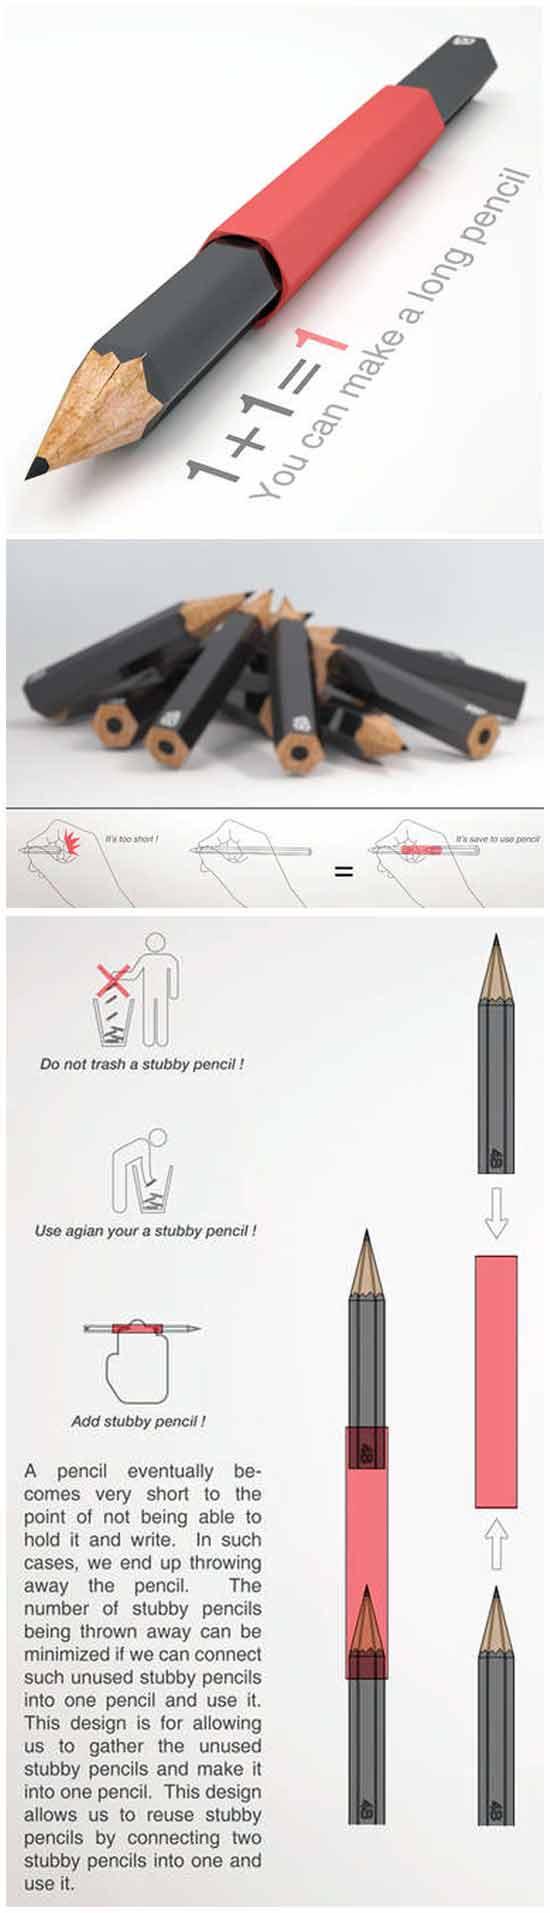 Странные идеи бизнеса: Удлинитель для карандашей